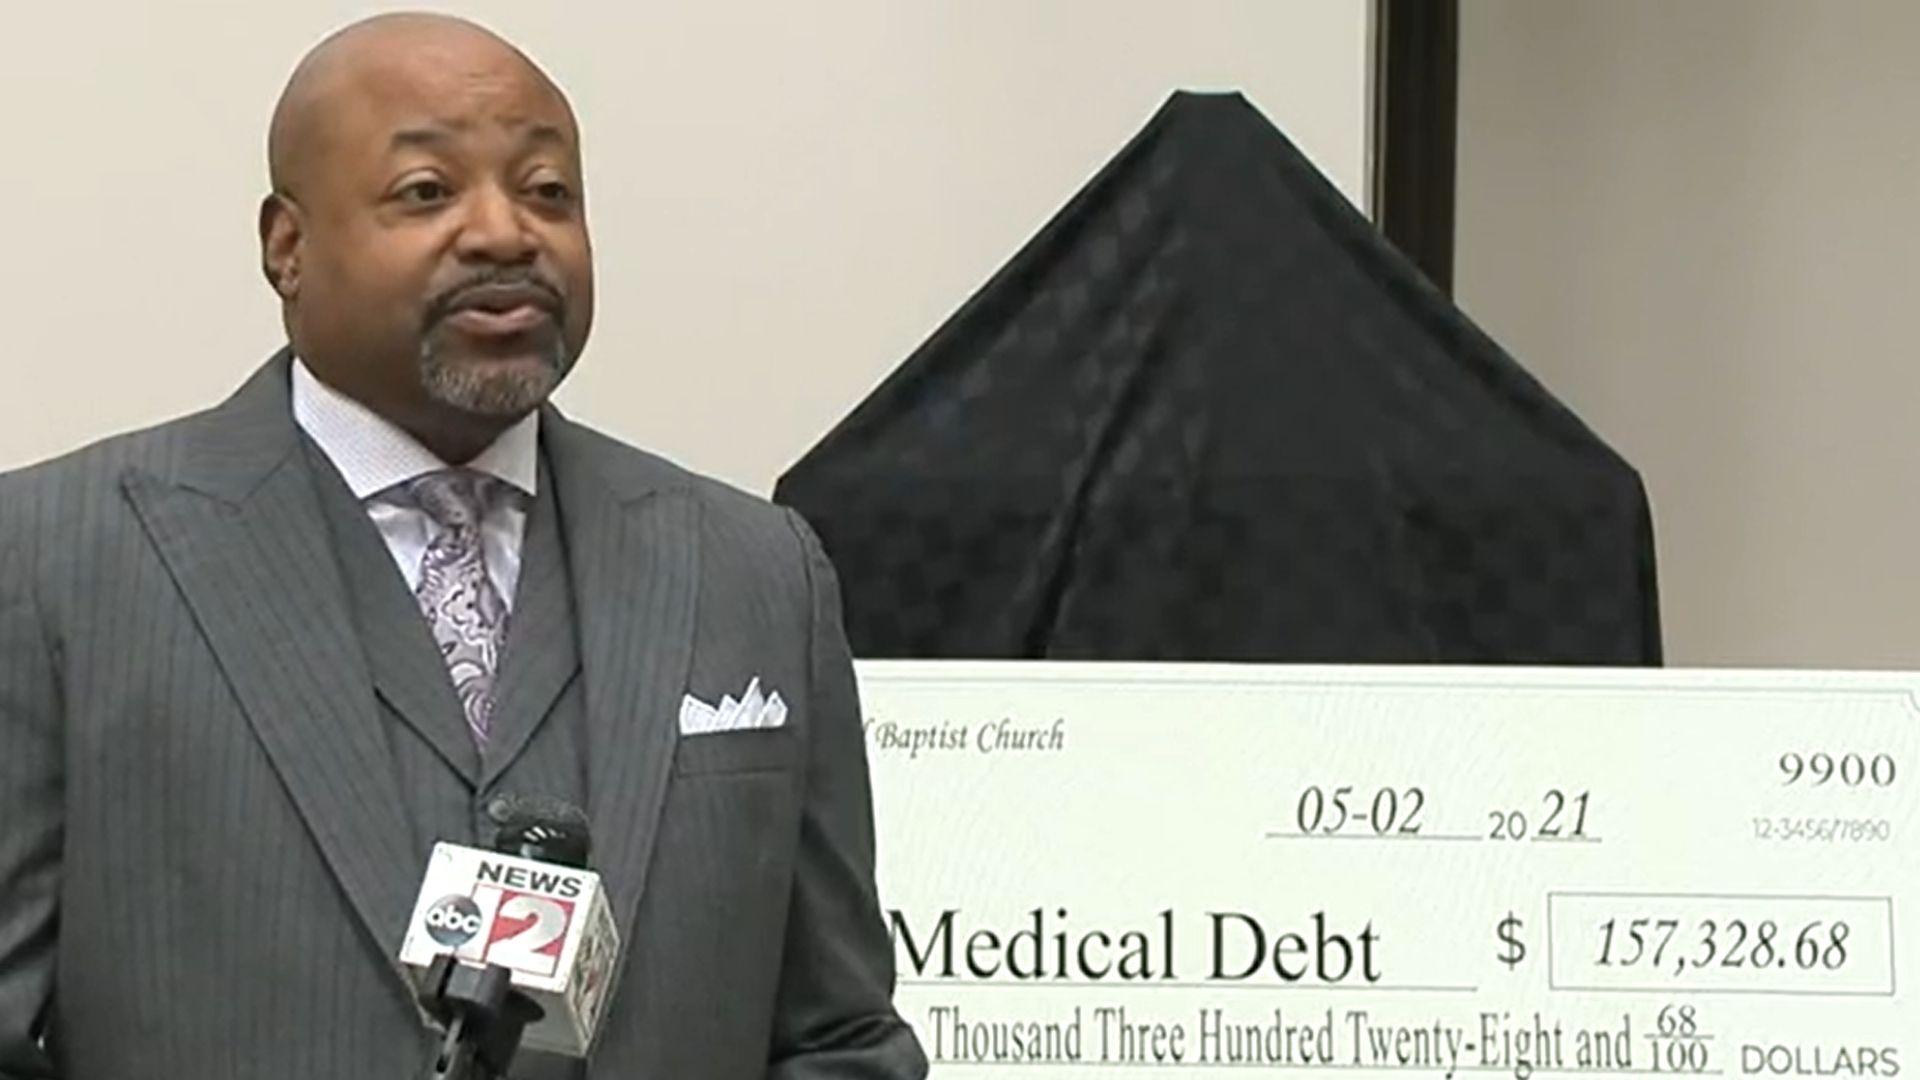 Igreja nos EUA levanta mais de 157 mil dólares para pagar dívidas de famílias carentes